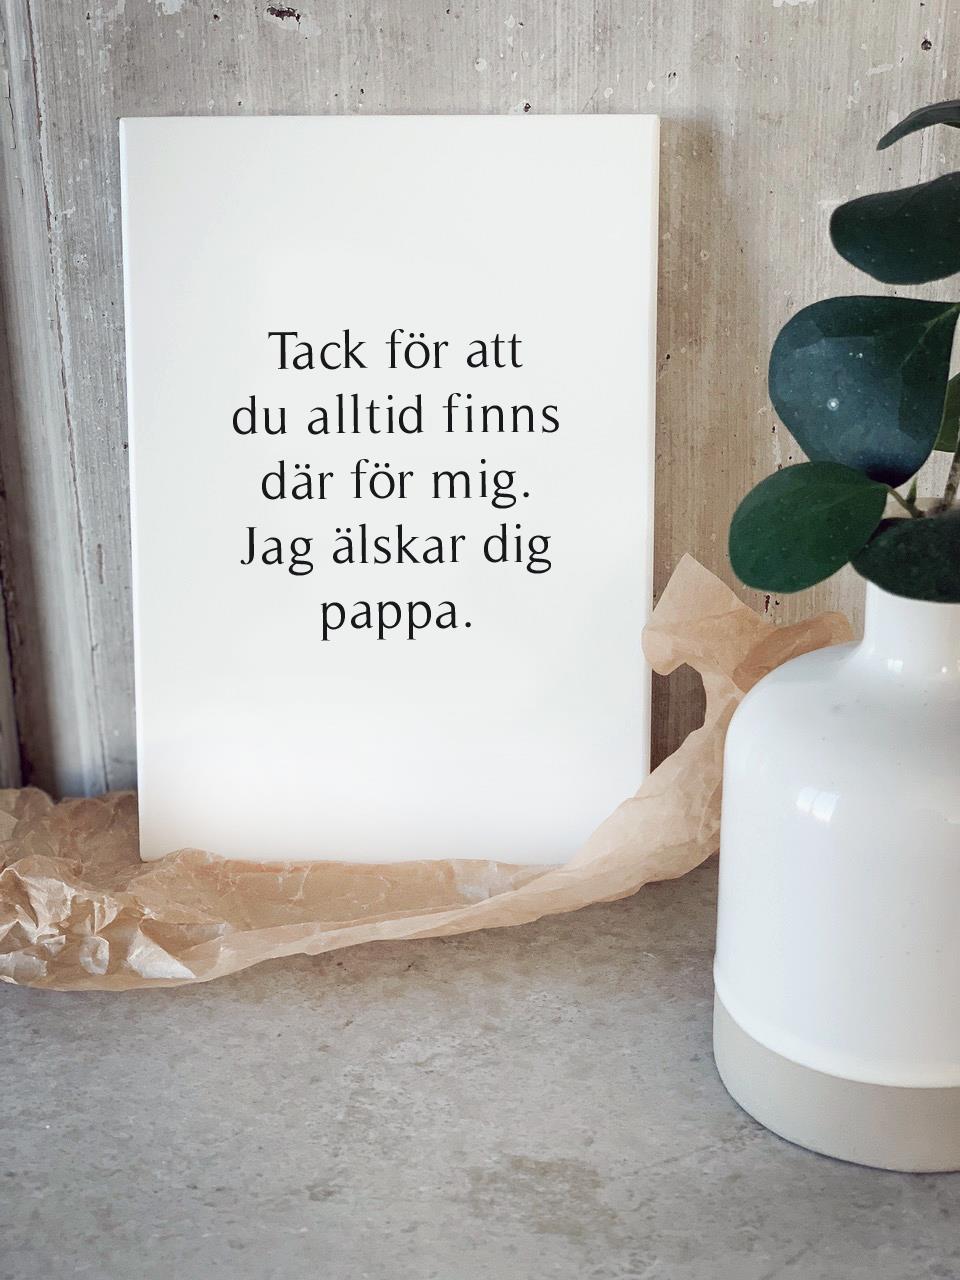 Trätavla A5, Tack pappa, vit/svart text